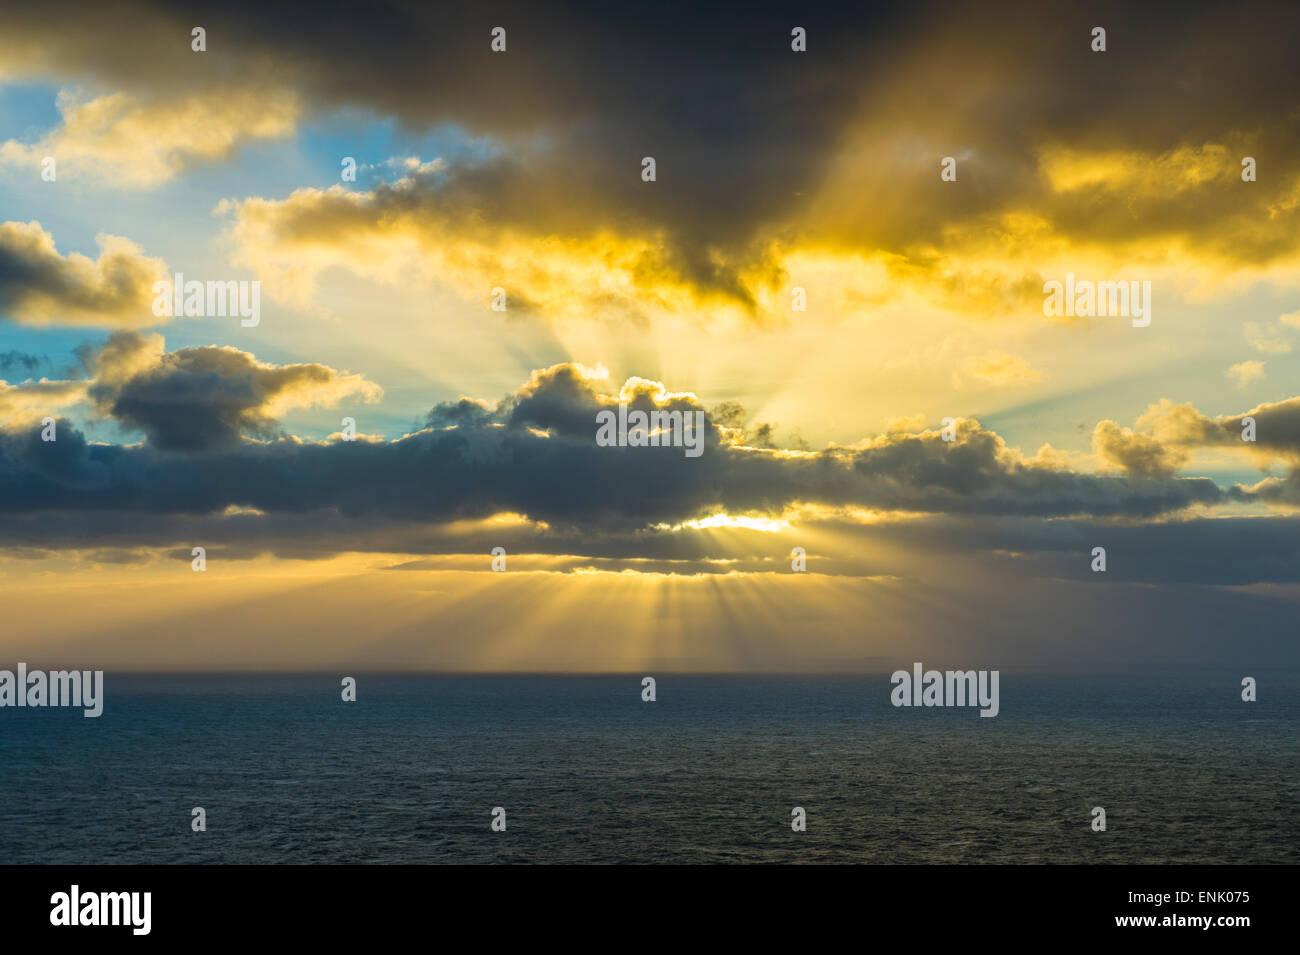 Strahlen bricht durch die Wolken am EuropeÂ?s westlichsten Punkt, Cabo da Roca, Portugal, Europa Stockbild